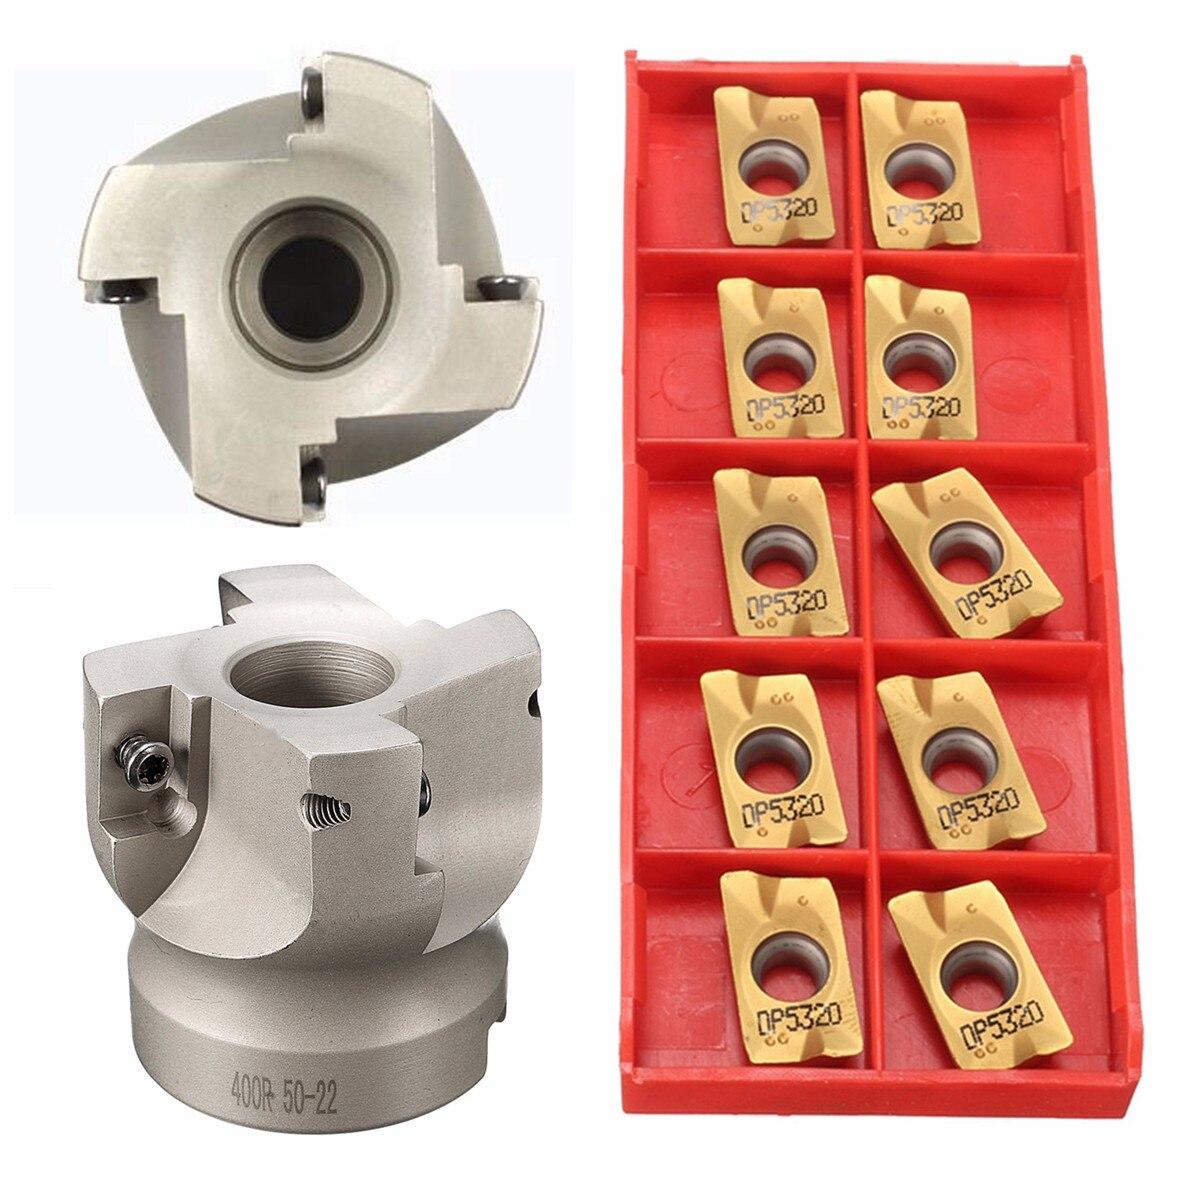 1 Set 50mm BAP400R-50-22 Visage Fraise 4 Cannelures Outils De Fraisage De Précision Avec 10 pièces APMT1604 Inserts + T15 Clé